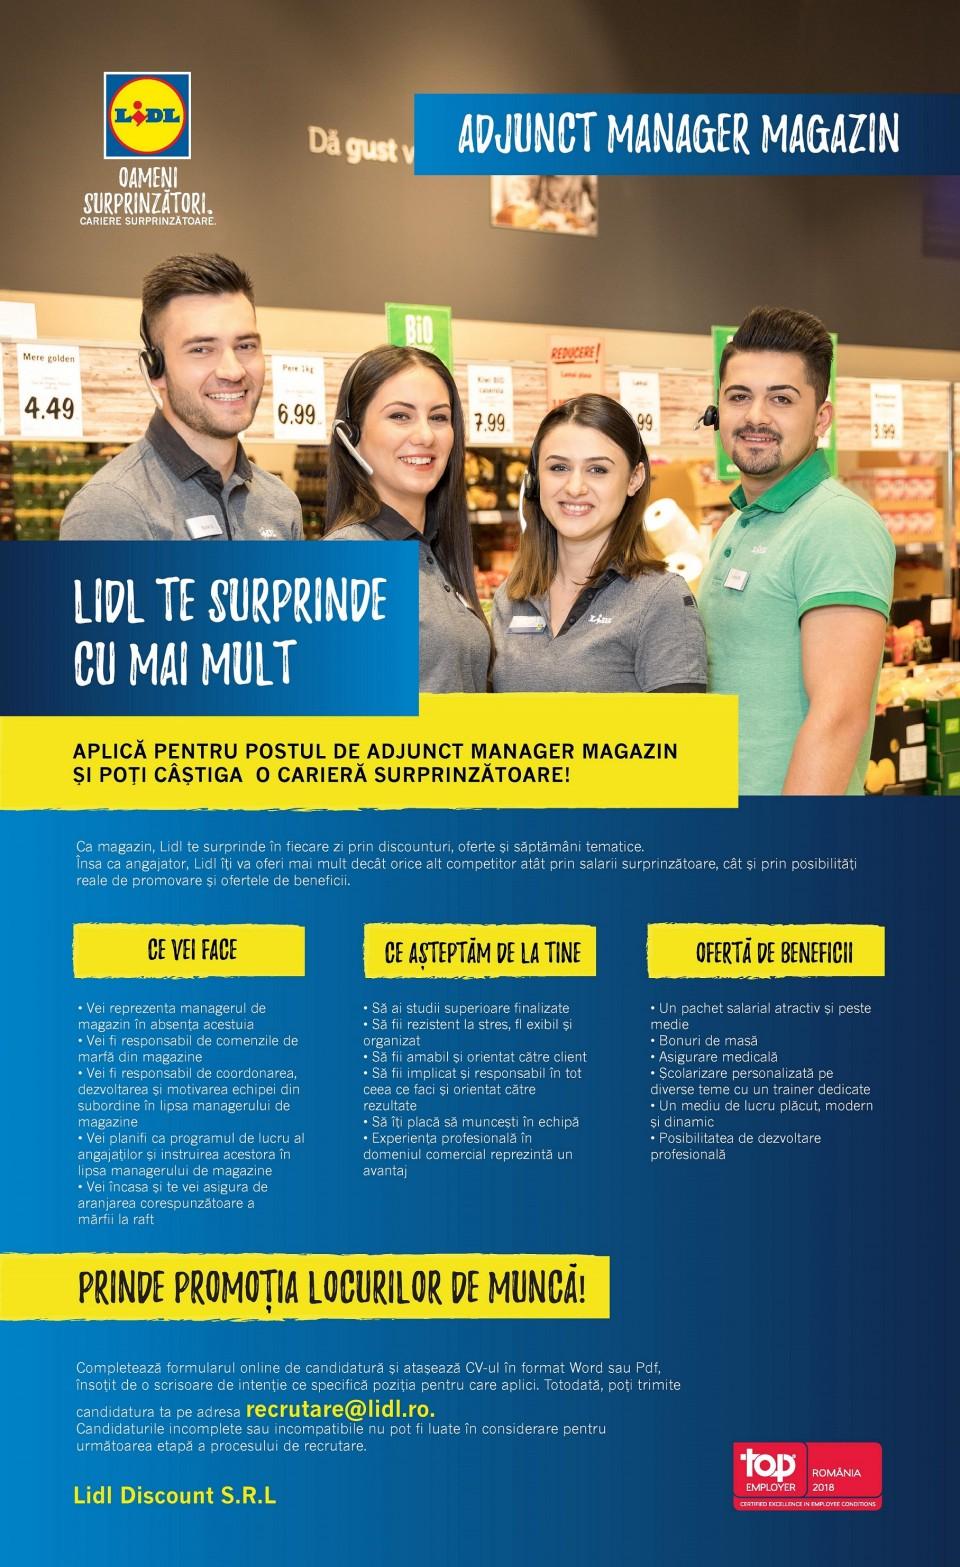 Adjunct Manager Magazin Gura Humorului (f/m)  Ca magazin, Lidl te surprinde în fiecare zi prin discounturi, oferte și săptămâni tematice. Însa ca angajator, Lidl îți va oferi mai mult decât orice alt competitor atât prin salarii surprinzătoare, cât și prin posibilități reale de promovare și ofertele de beneficii. ce vei face • Vei reprezenta managerul de magazin în absența acestuia • Vei fi responsabil de comenzile de marfă din magazine • Vei fi responsabil de coordonarea, dezvoltarea și motivarea echipei din subordine în lipsa managerului de magazine • Vei planifi ca programul de lucru al angajaților și instruirea acestora în lipsa managerului de magazine • Vei încasa și te vei asigura de aranjarea corespunzătoare a mărfii la raft • Să ai studii superioare finalizate • Să fii rezistent la stres, fl exibil și organizat • Să fii amabil și orientat către client • Să fii implicat și responsabil în tot ceea ce faci și orientat către rezultate • Să îți placă să muncești în echipă • Experiența profesională în domeniul comercial reprezintă un avantaj • Un pachet salarial atractiv și peste medie • Bonuri de masă • Asigurare medicală • Școlarizare personalizată pe diverse teme cu un trainer dedicate • Un mediu de lucru plăcut, modern și dinamic • Posibilitatea de dezvoltare profesională Completează formularul online de candidatură și atașează CV-ul în format Word sau Pdf, însoțit de o scrisoare de intenție ce specifică poziția pentru care aplici. Totodată, poți trimite candidatura ta pe adresa recrutare@lidl.ro. Candidaturile incomplete sau incompatibile nu pot fi luate în considerare pentru următoarea etapă a procesului de recrutare.